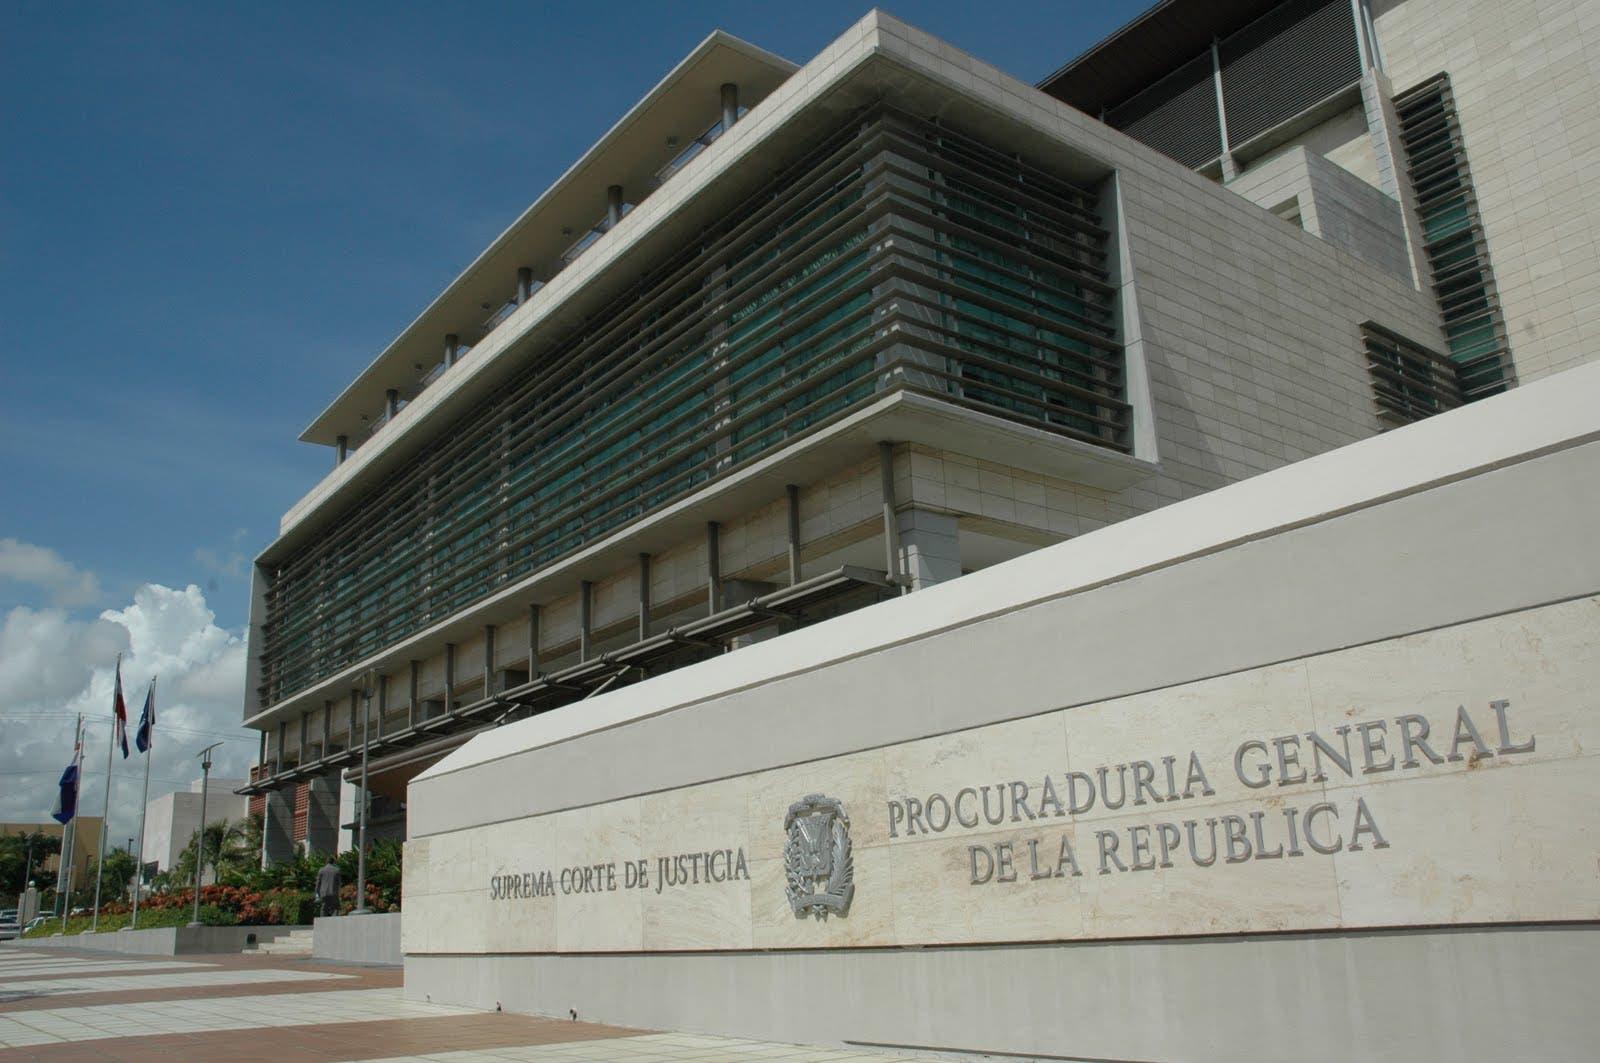 Aeropuerto de Punta Cana: Arrestan presunto narcotraficante